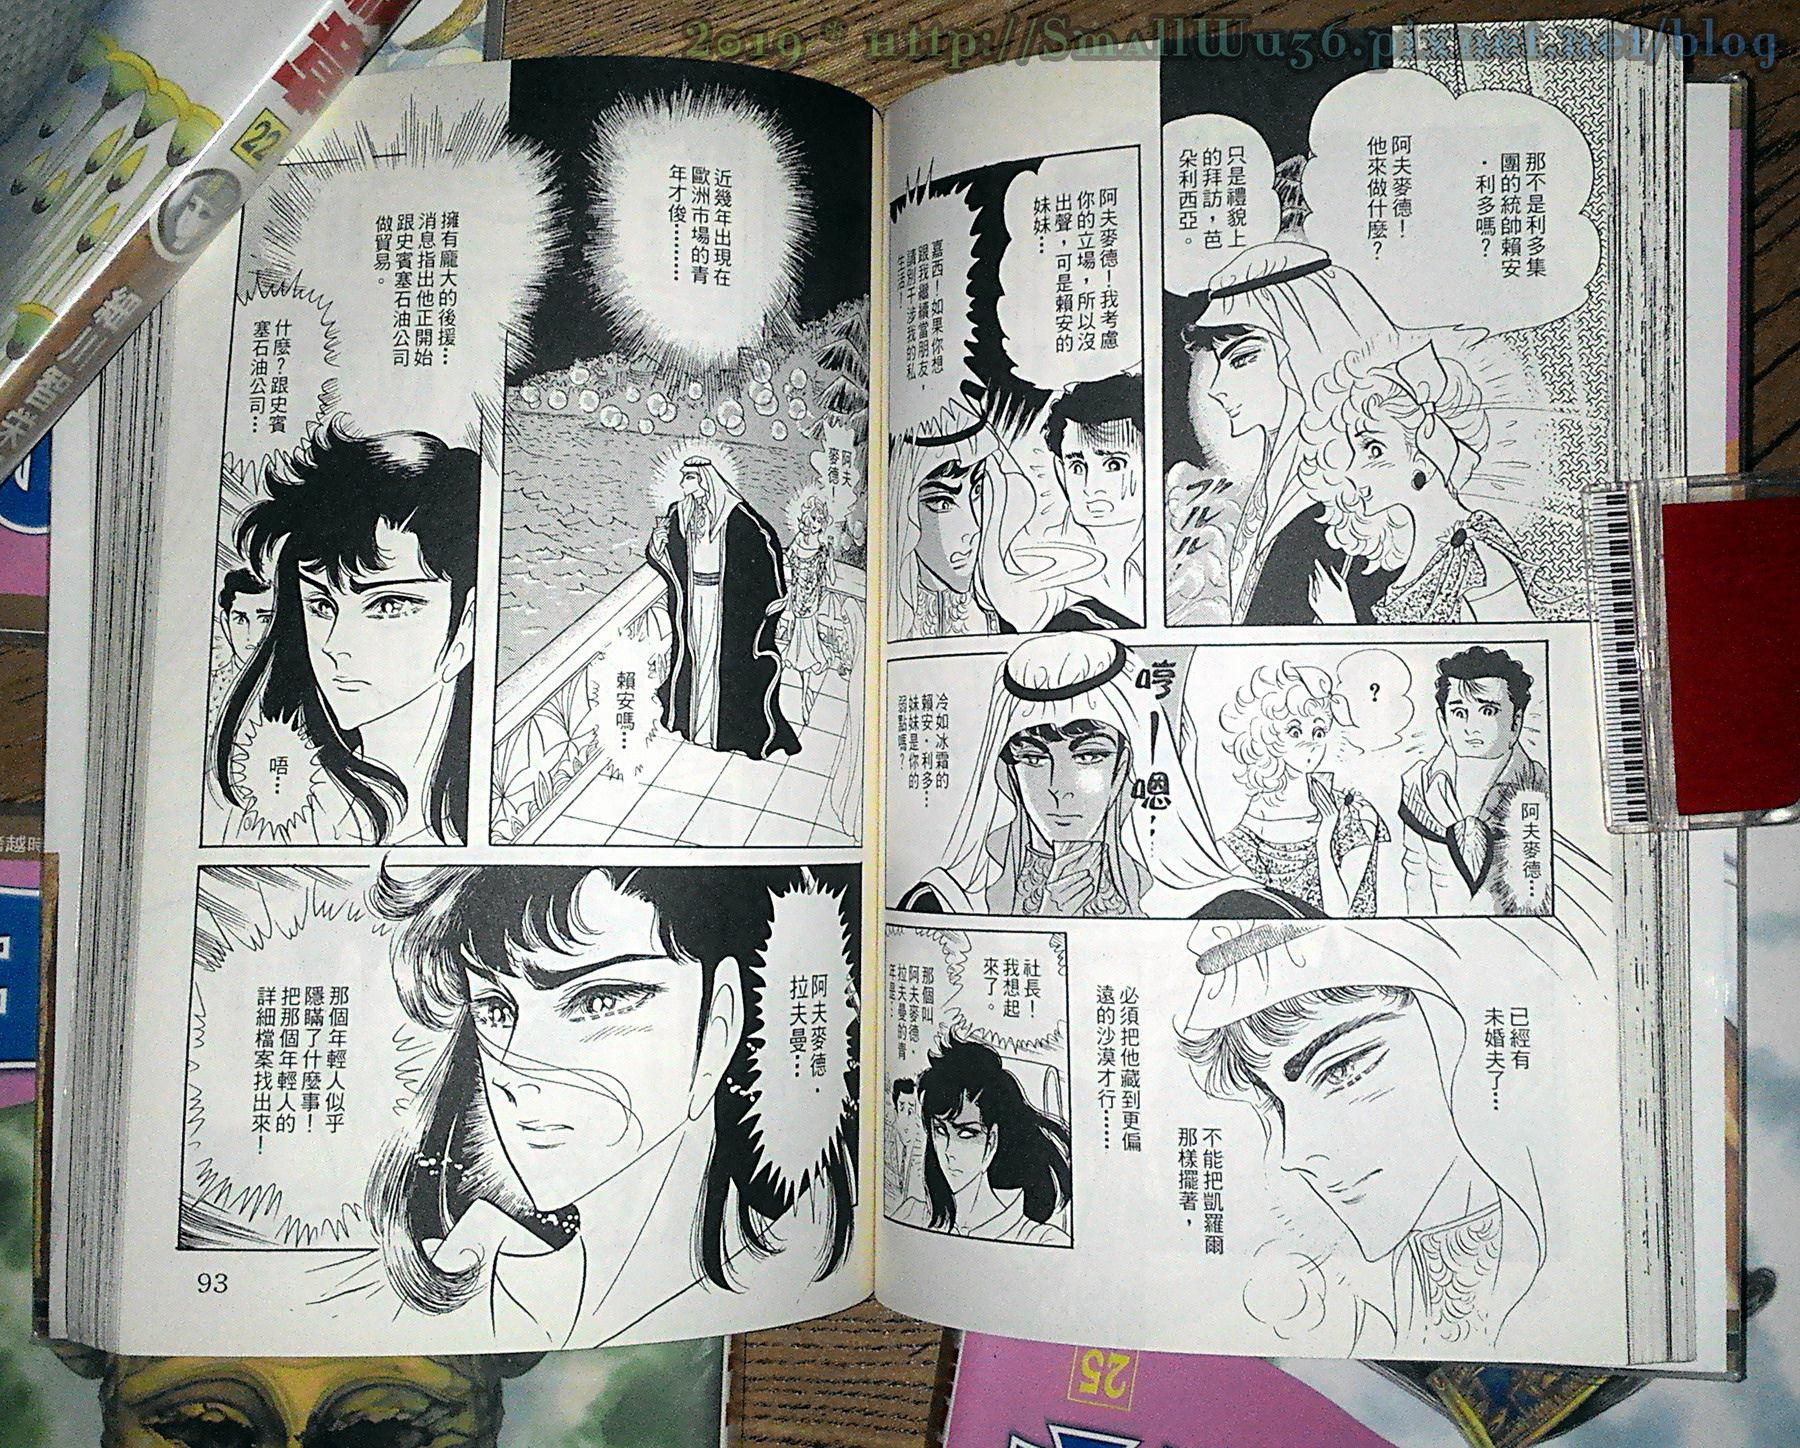 細川智榮子-王家的紋章(尼羅河女兒) 11-26 (長鴻)  vol_21.jpg